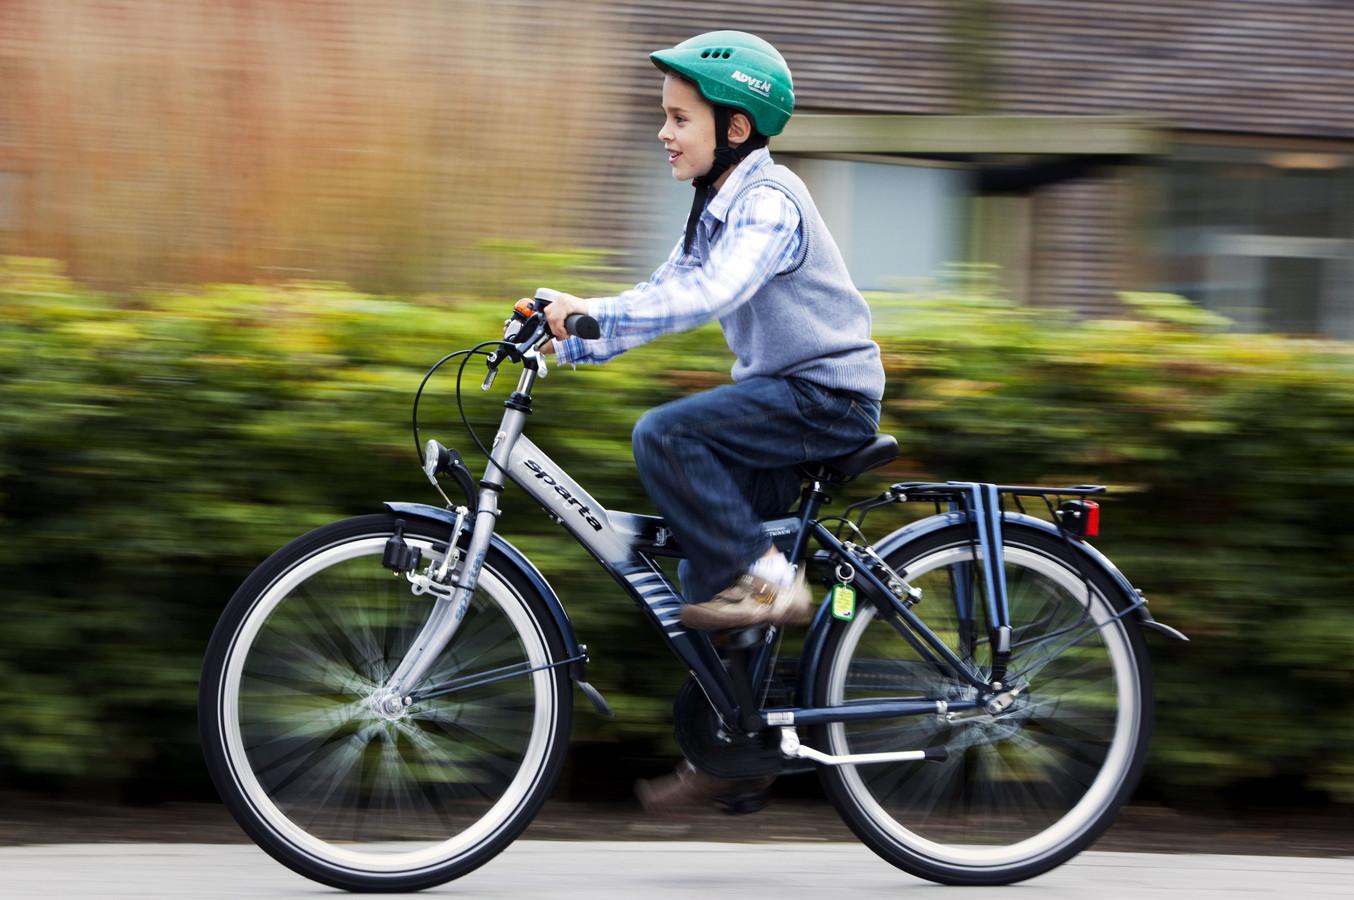 Als alle basisscholen meedoen, gaat het volgens het CDA om 3400 leerlingen en dus evenzoveel fietshelmen